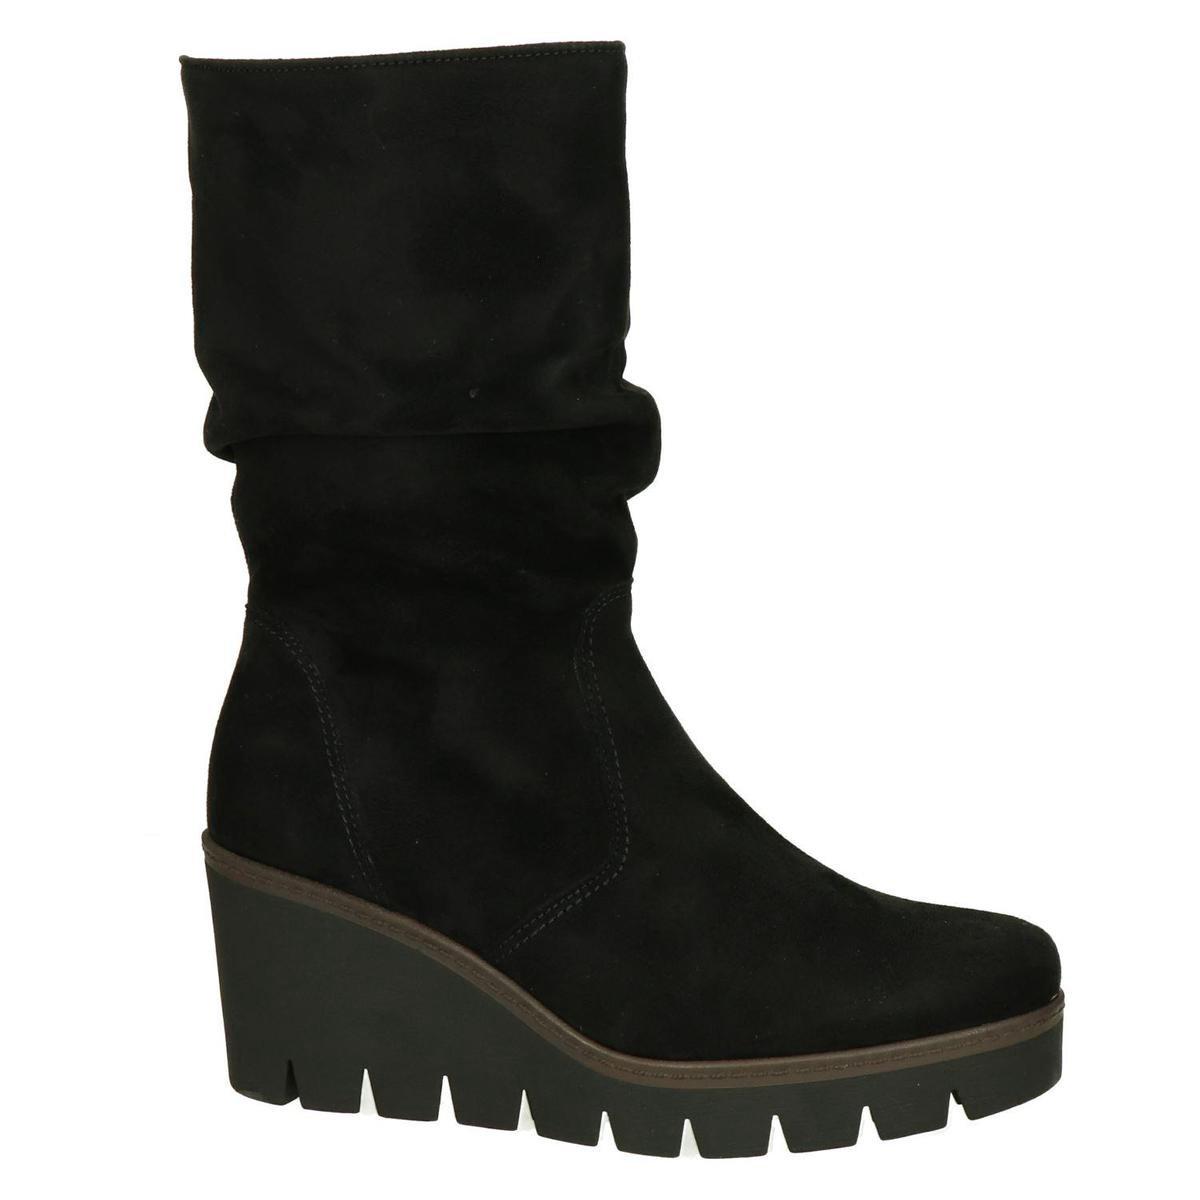 Gabor dames laars - Zwart - Maat 35,5 Laarzen